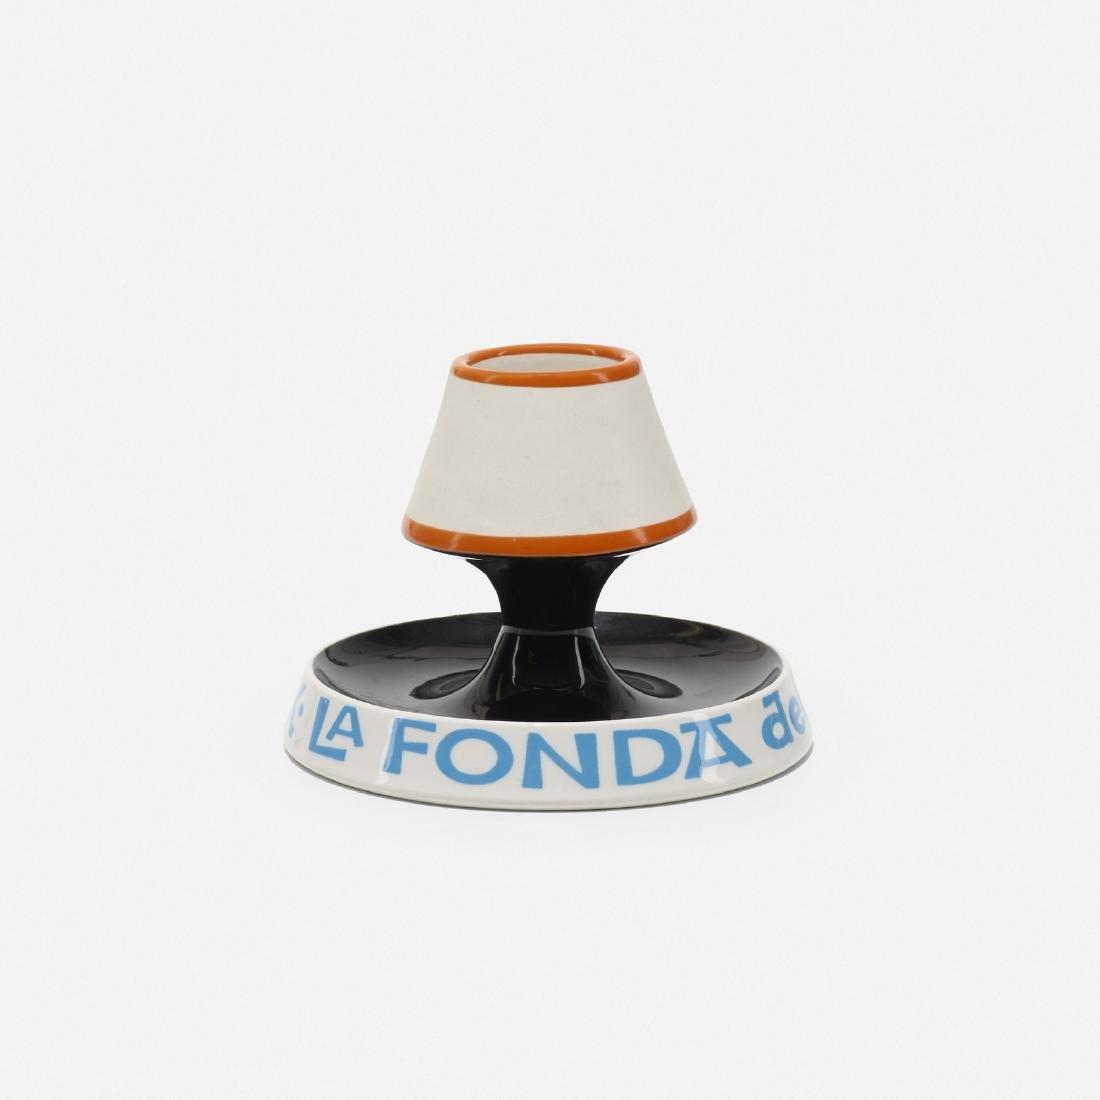 Girard, ashtray and match holder from La Fonda del Sol